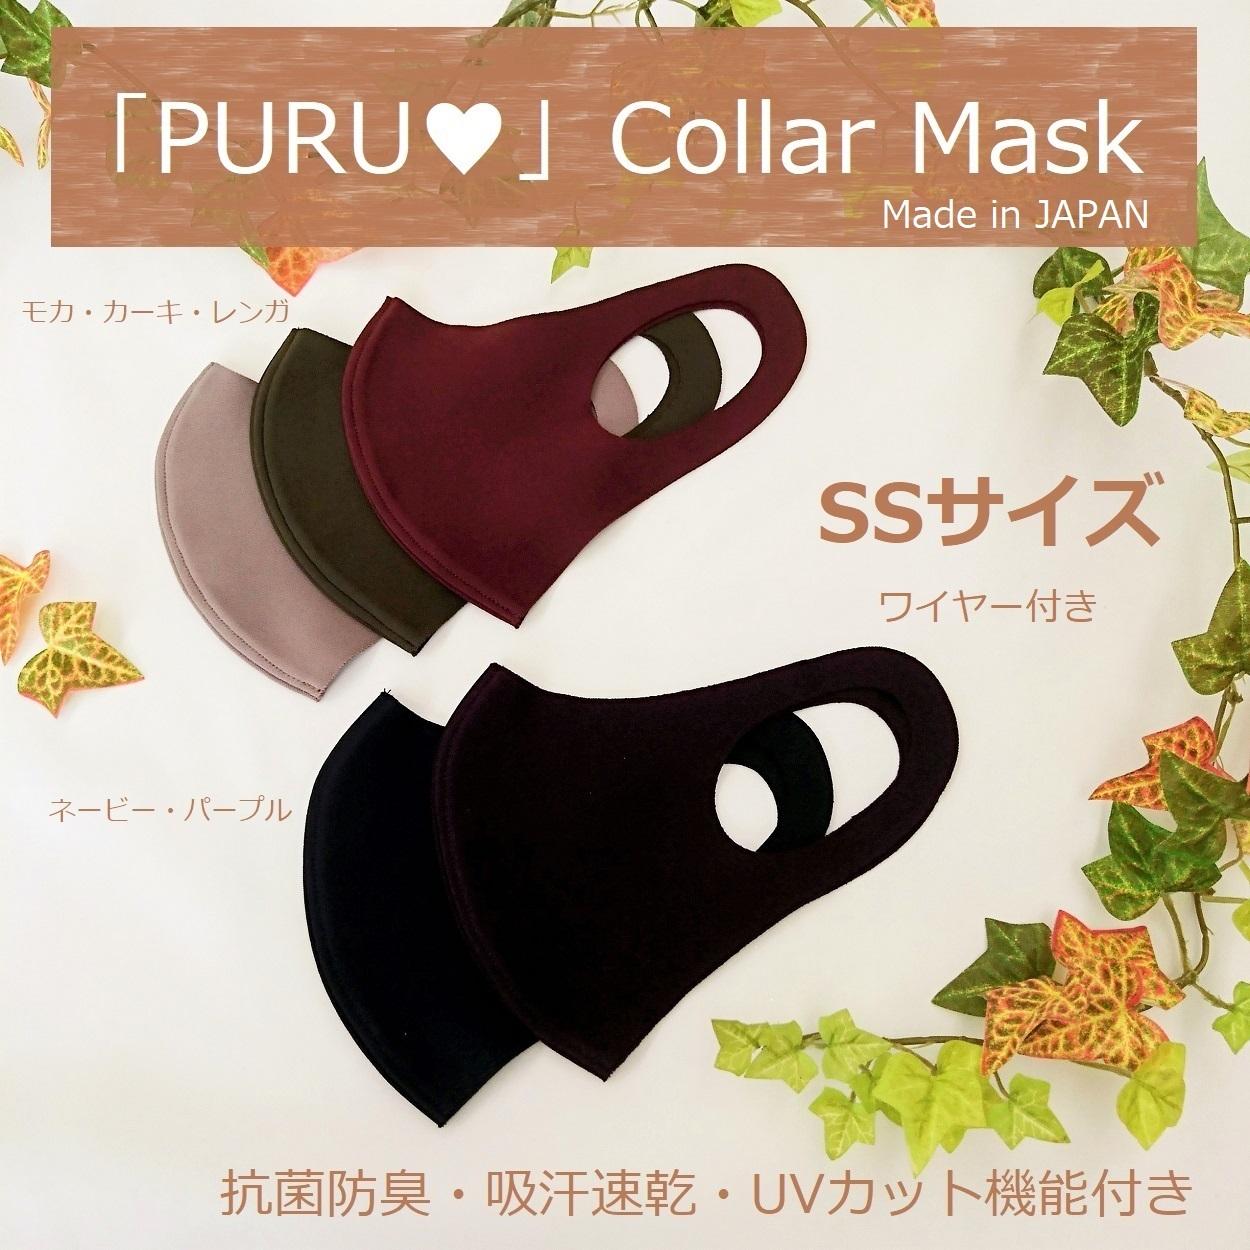 「ぷる♥」SSサイズ-同色2枚入り 抗菌防臭・吸汗速乾・UVカット機能・ワイヤー付き【日本製】